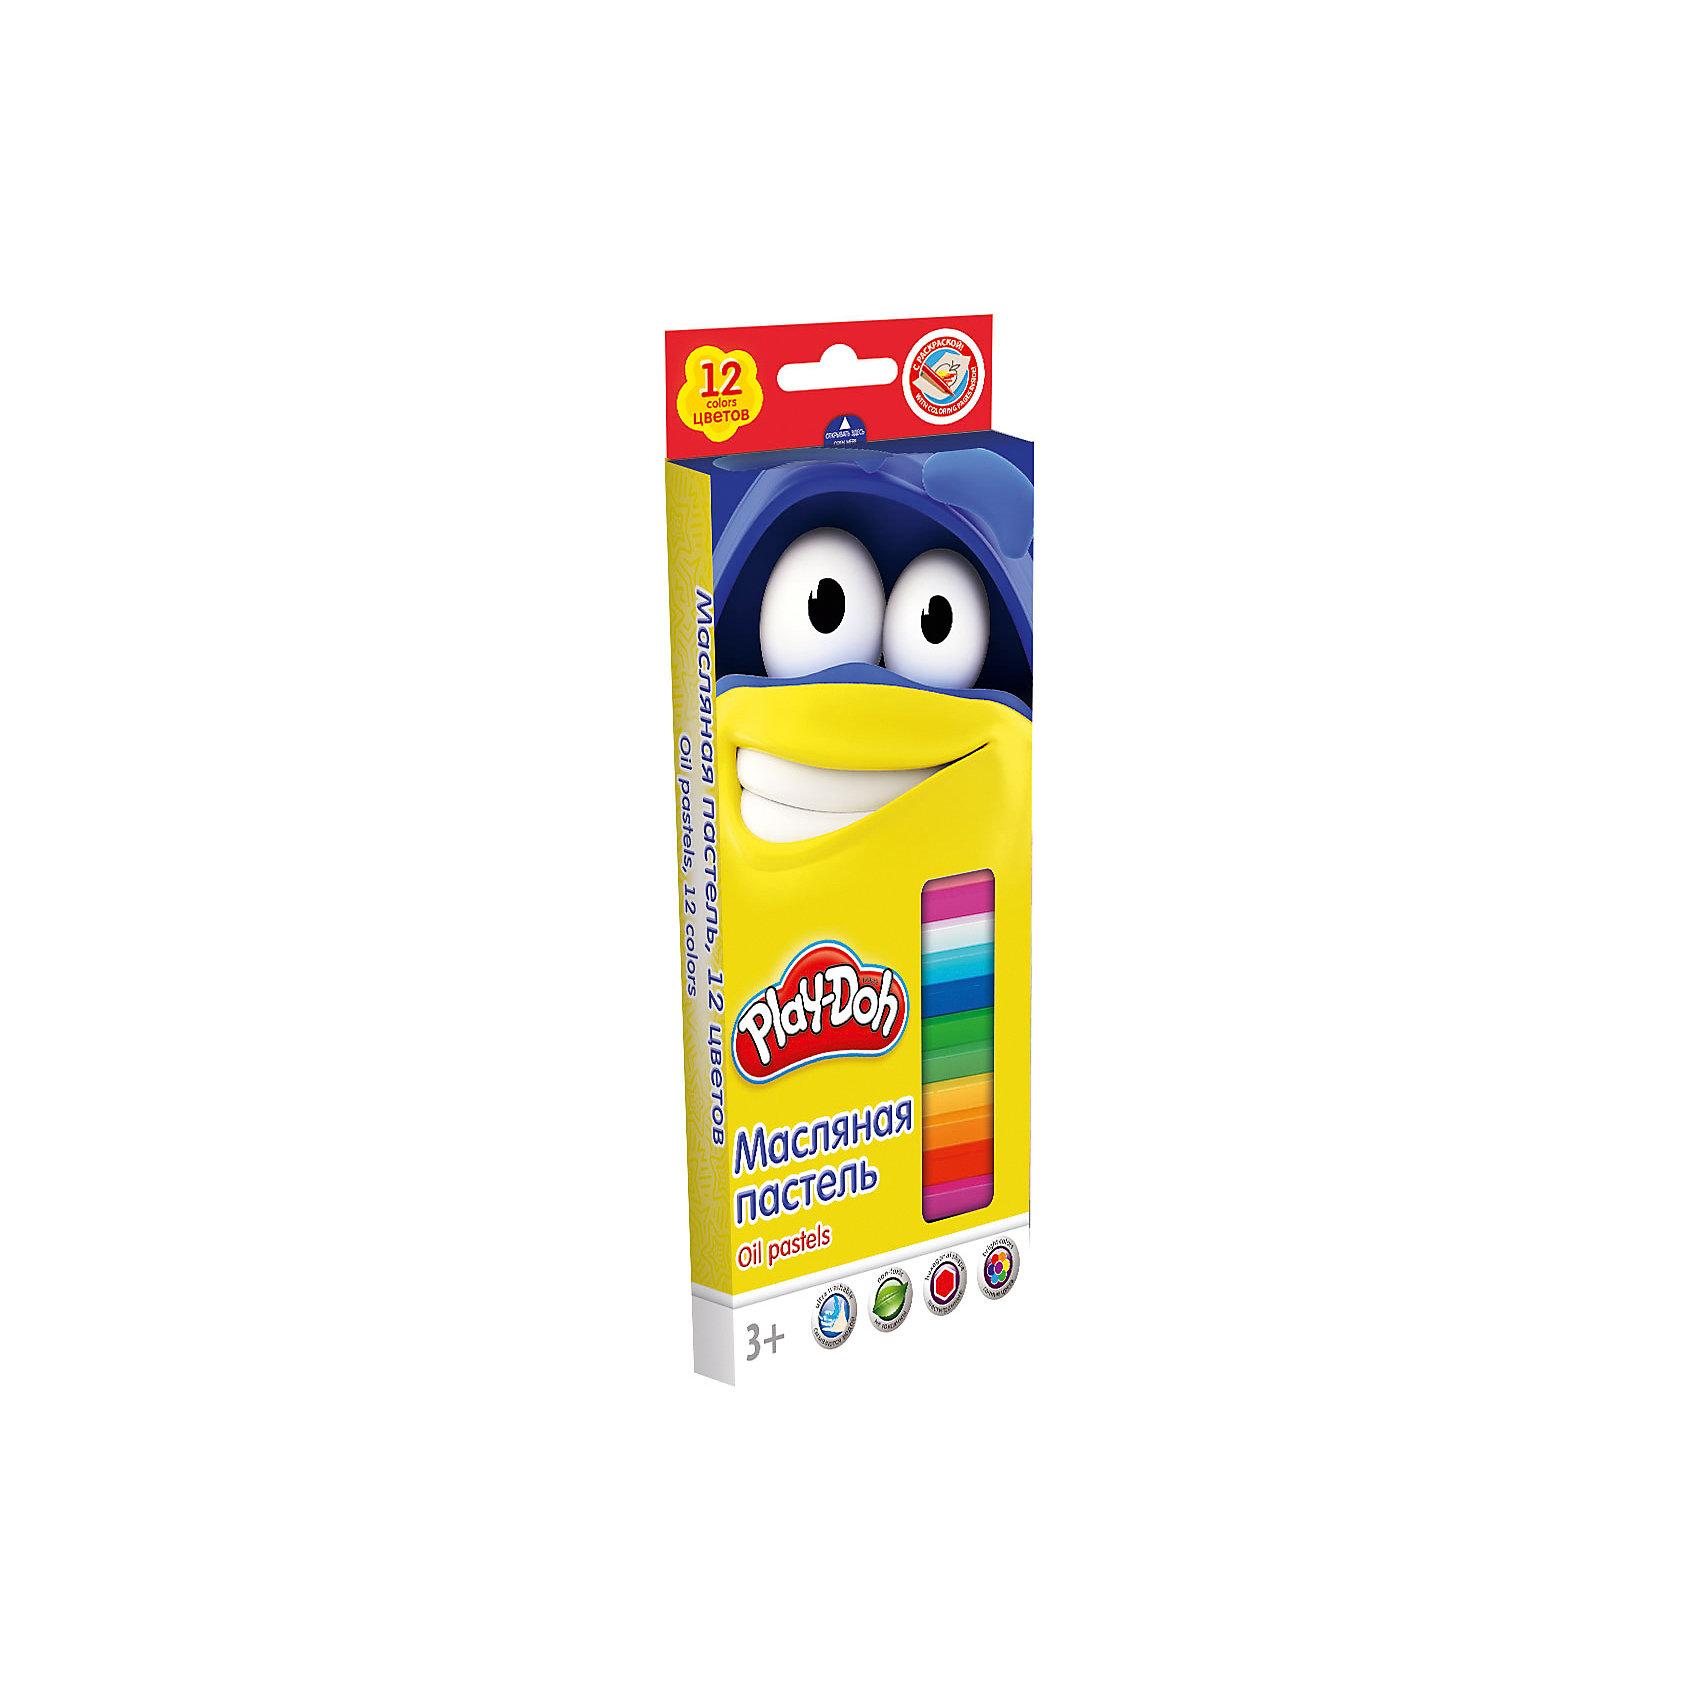 Масляная пастель (12 цветов) + 2 раскраски, Play-DohPlay-Doh<br>Масляная пастель, Play-Doh, замечательно подойдет для детского творчества и школьных занятий. В комплекте 12 разноцветных пастельных мелков, упакованных в нарядную коробочку с забавным рисунком. Благодаря своей мягкости, они прекрасно рисуют и обладают<br>насыщенными цветами, легко смешиваются между собой. Пастель легко ложится на бумагу с большей цветовой плотностью и создает мягкие штрихи. Она не выгорает на солнце, не темнеет и не трескается. Все мелки покрыты специальной бумажной оберткой, чтобы ребенок не<br>испачкался во время рисования. Пастель хорошо смываются обычной водой, не оставляя следов на руках и одежде. В комплект также входят две раскраски.<br><br><br>Дополнительная информация:<br><br>- В комплекте: 12 цветов, 2 раскраски.<br>- Размер 1 мелка: длина - 7,2 см., диаметр - 1,1 см. <br>- Размер упаковки: 19,8 х 1,8 х 8,8 см.<br>- Вес: 131 гр.<br><br>Масляную пастель,12 цветов, 2 раскраски, Play-Doh, можно купить в нашем интернет-магазине.<br><br>Ширина мм: 18<br>Глубина мм: 88<br>Высота мм: 198<br>Вес г: 131<br>Возраст от месяцев: 36<br>Возраст до месяцев: 72<br>Пол: Унисекс<br>Возраст: Детский<br>SKU: 4681128